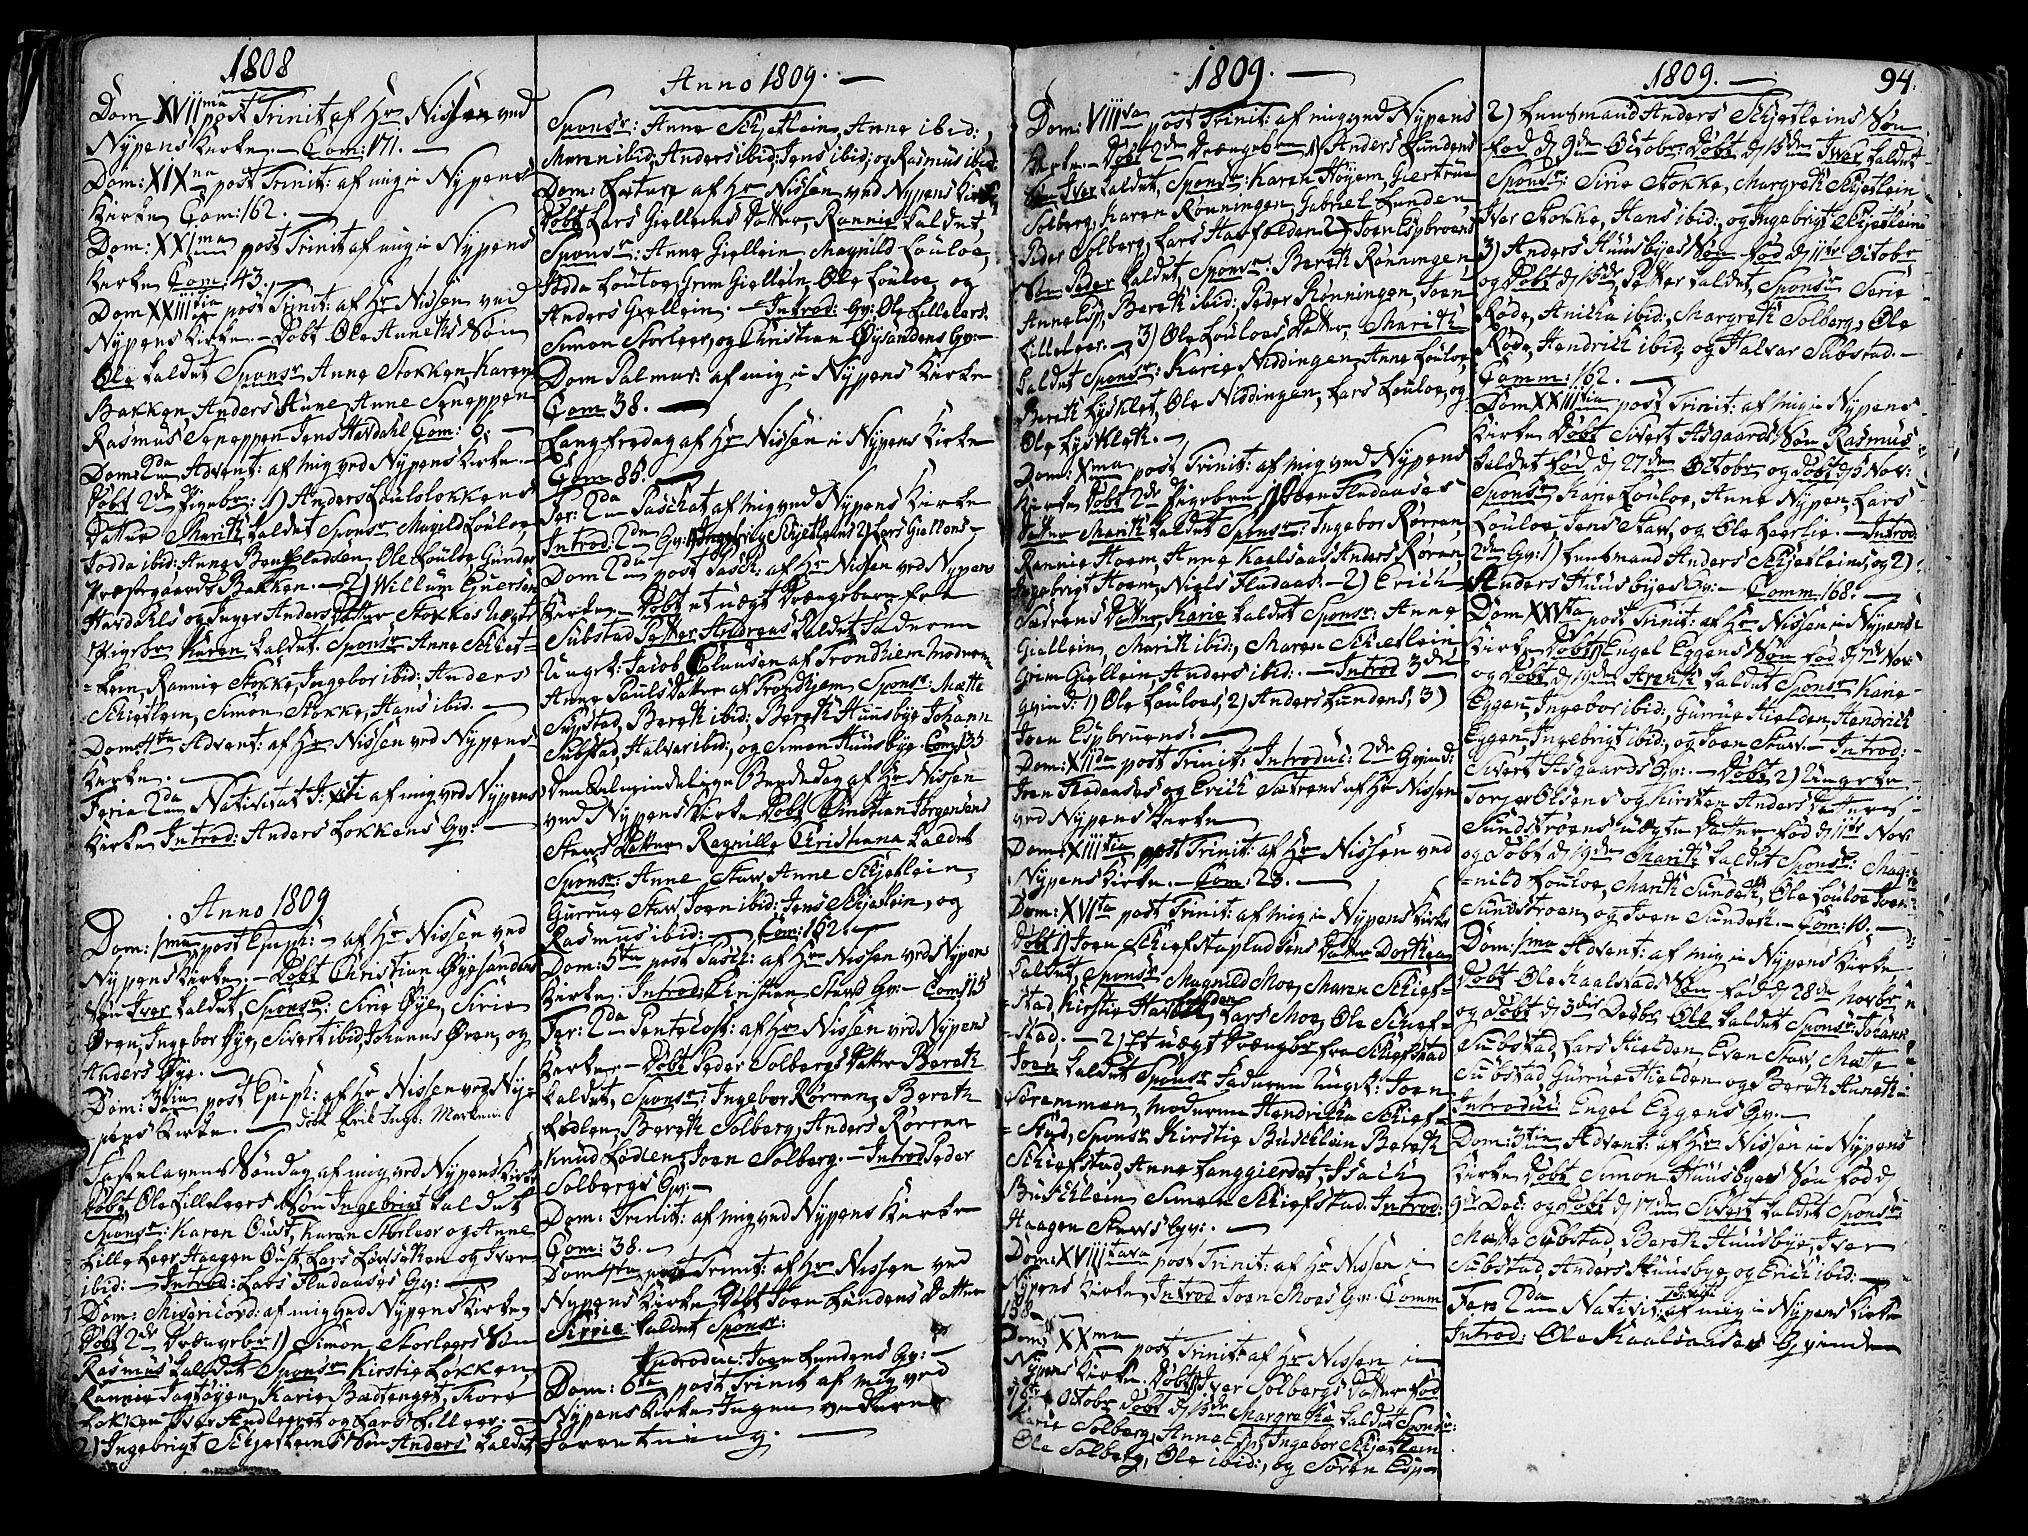 SAT, Ministerialprotokoller, klokkerbøker og fødselsregistre - Sør-Trøndelag, 691/L1063: Ministerialbok nr. 691A02 /3, 1768-1815, s. 94